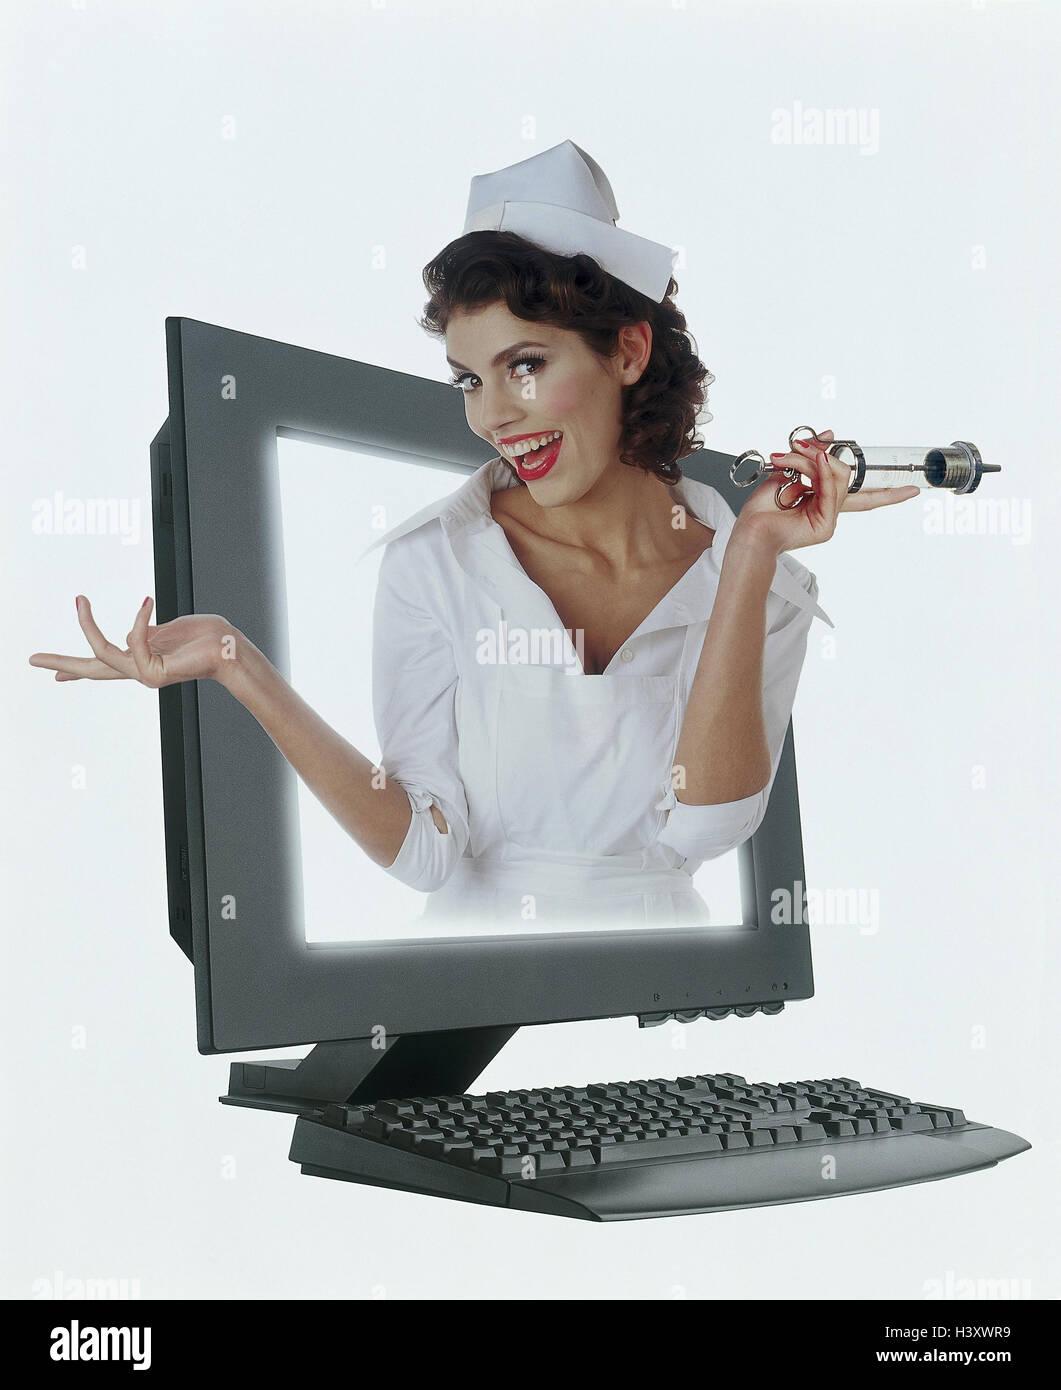 Infermiera, Spüritze, computer, icona, programma antivirus, aiuto per la protezione dai virus, concezione, Immagini Stock